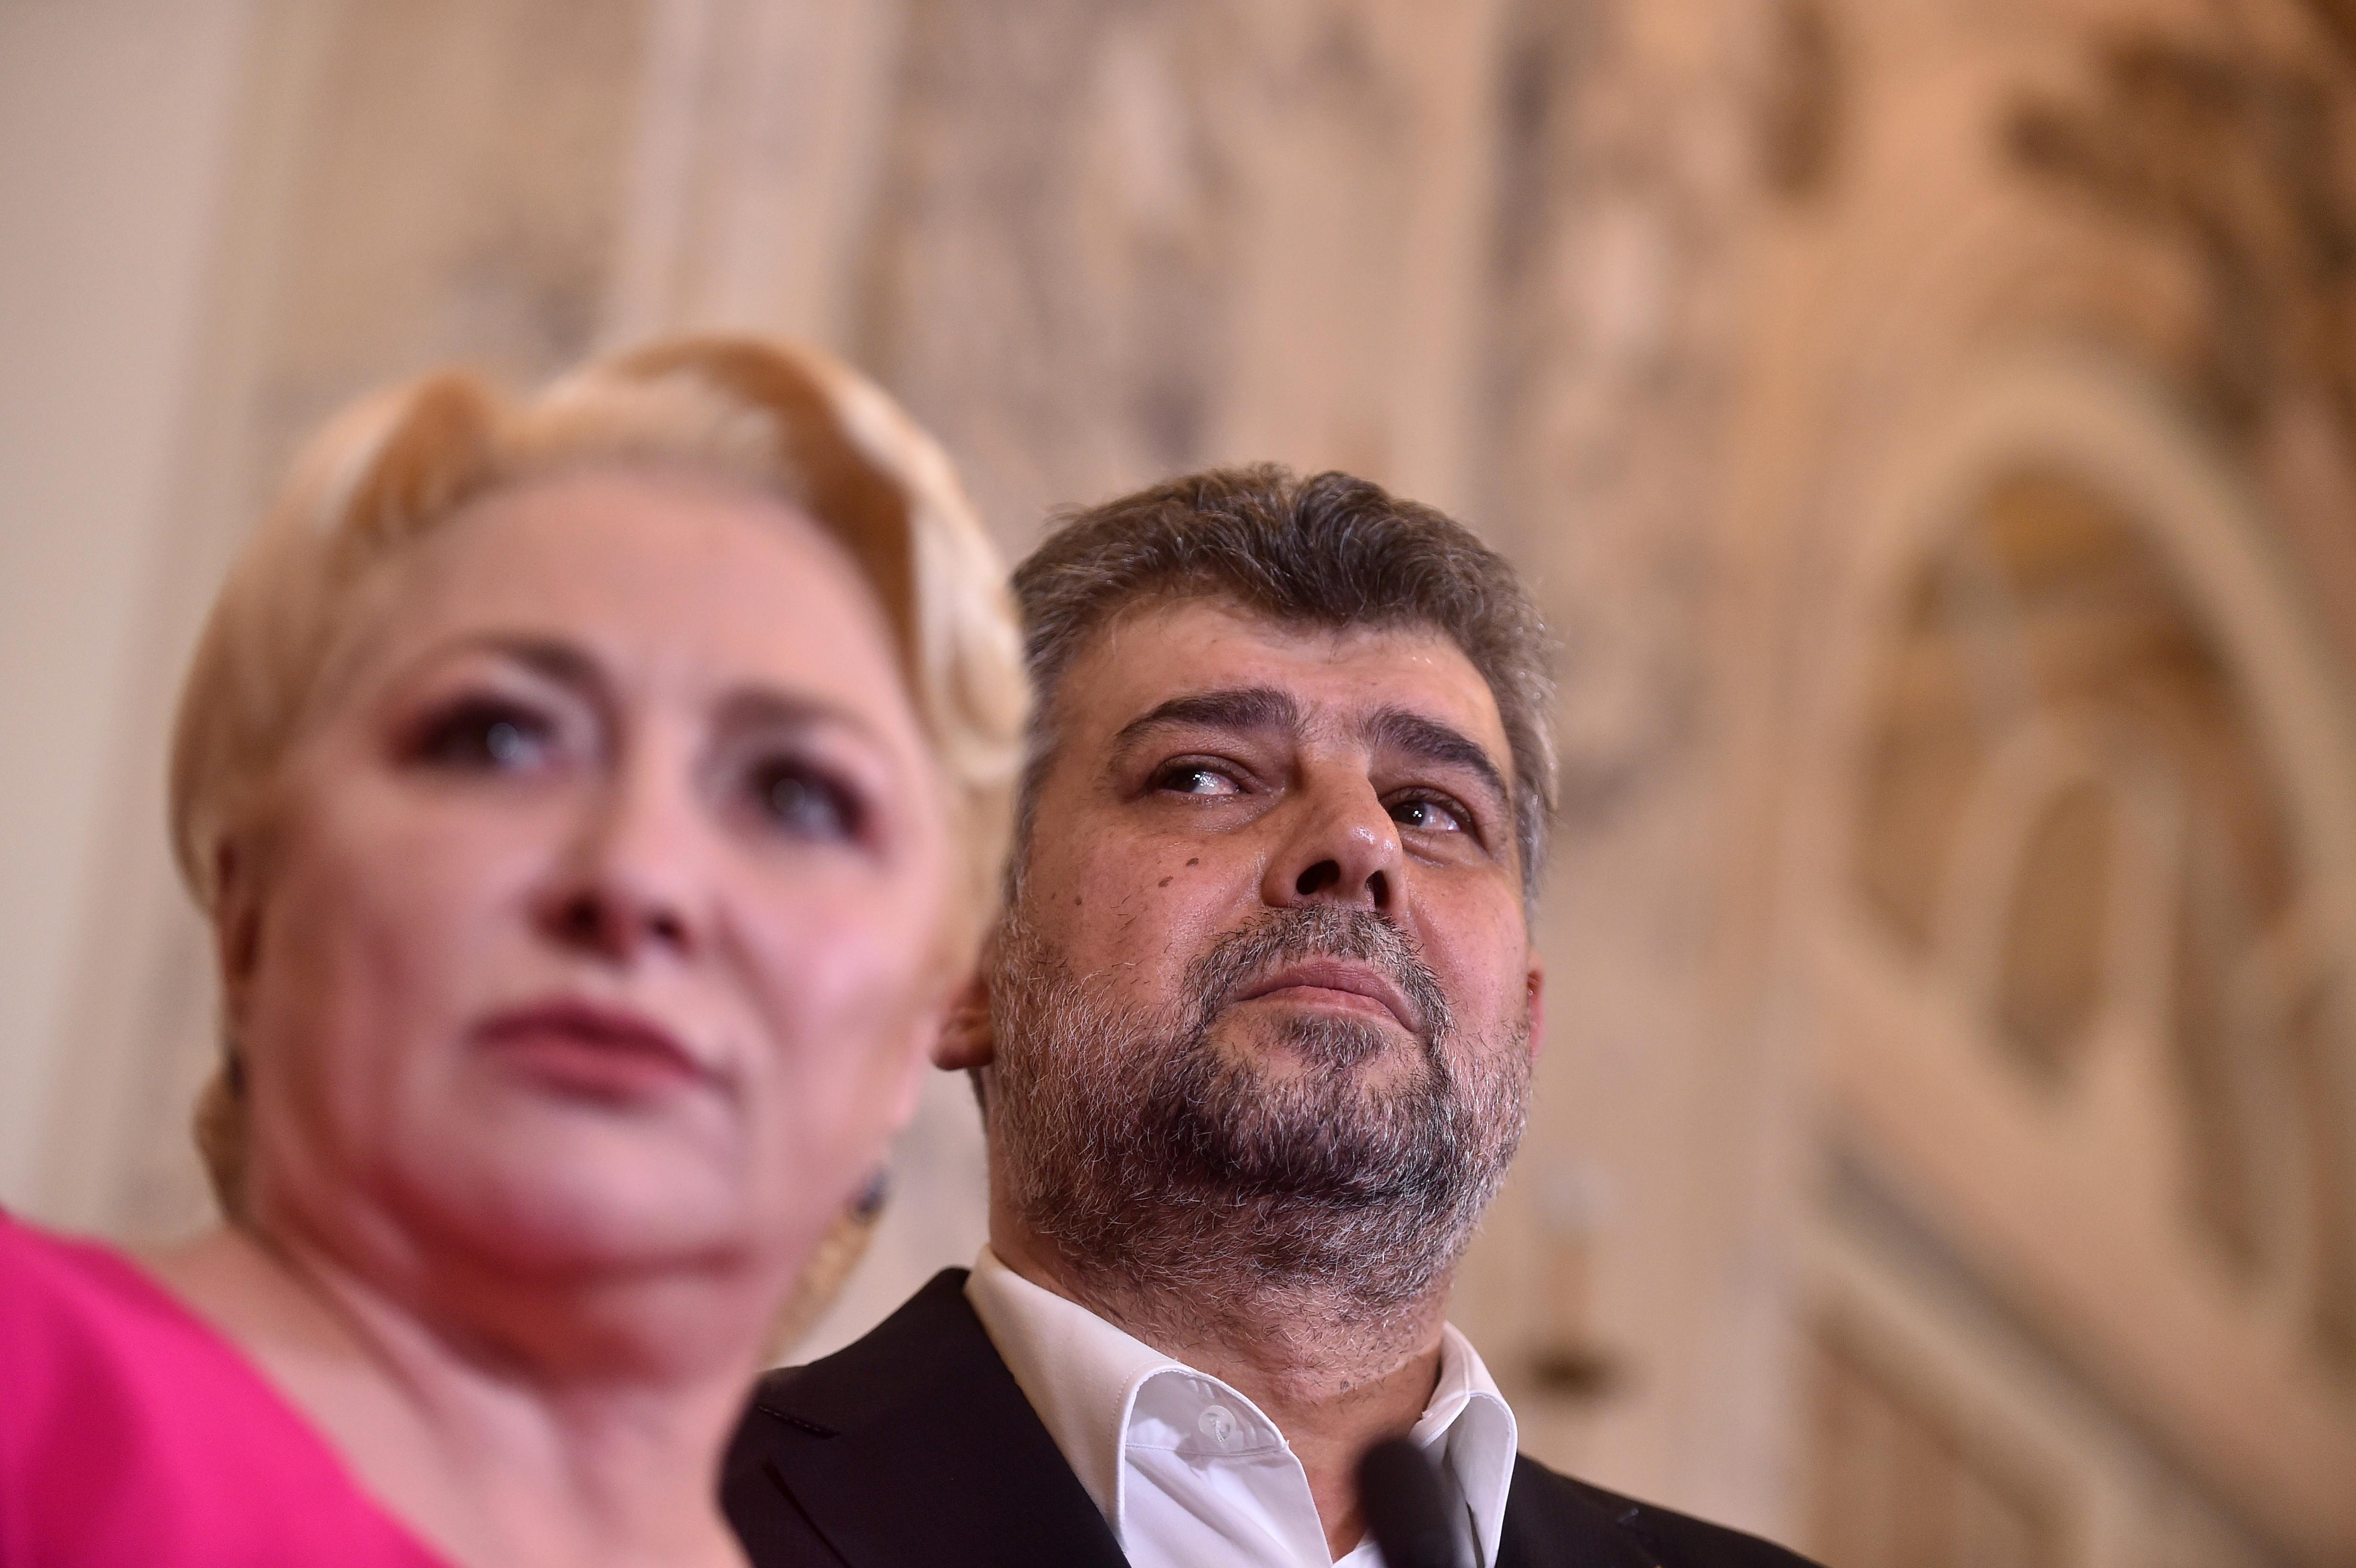 """Dăncilă, despre cum a plâns Ciolacu la ea acasă: """"I-am făcut un ceai, părea foarte afectat"""""""